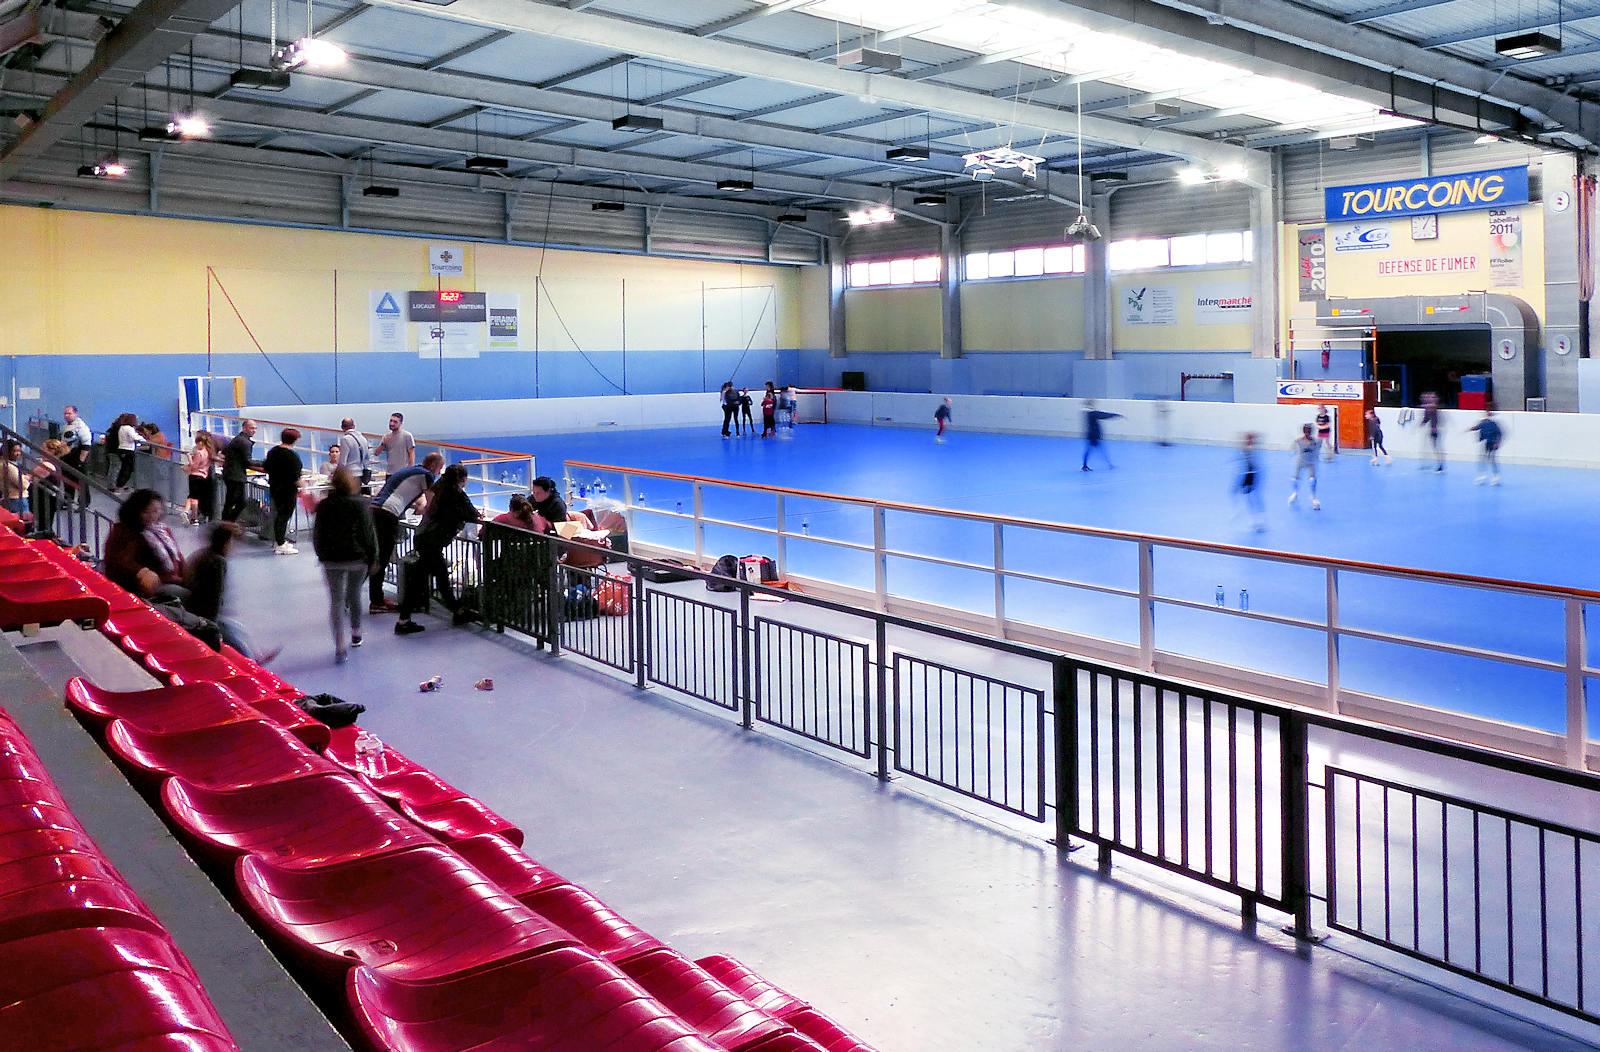 La salle de patinage artistique sur roulettes